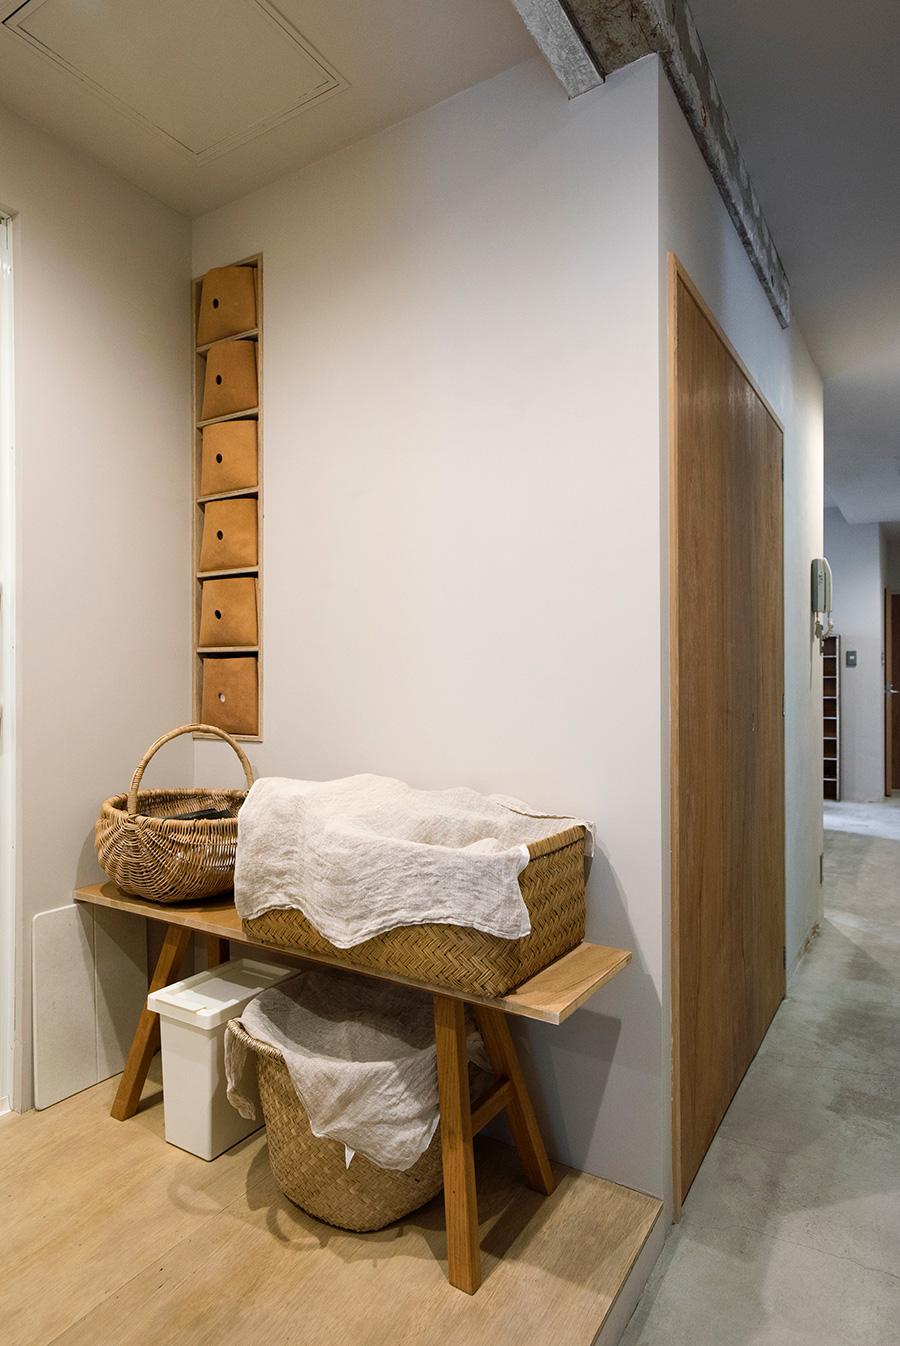 壁の収納の引出しは、hue leatherにオーダーしたもの。やわらかな質感と色合いの革を選んだ。生活用品はカゴに入れて布でカバー。